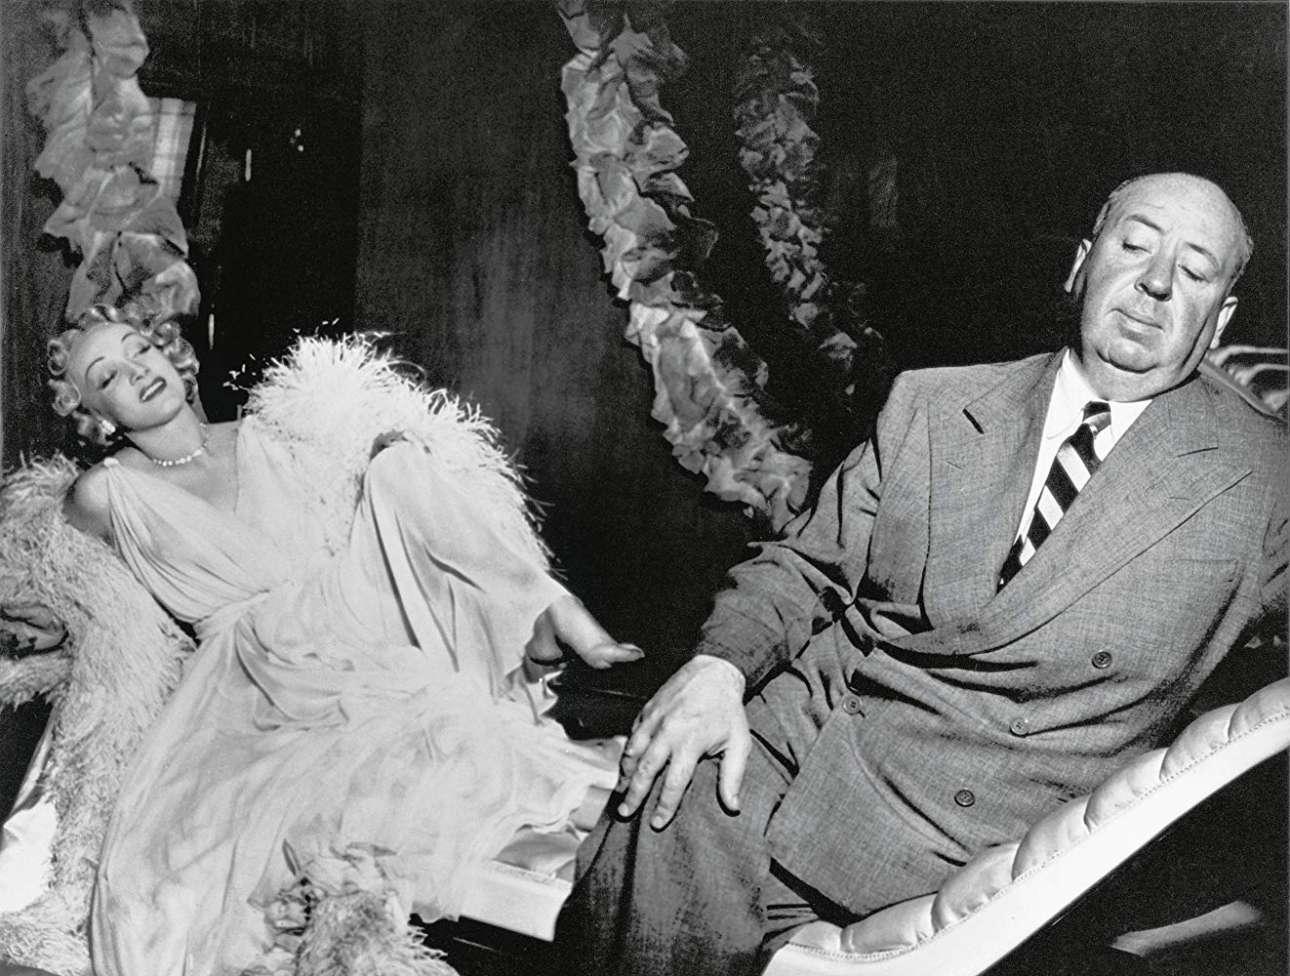 «Πονεμένο Ρομάντζο» (Stage Fright), 1950. Η Μάρλεν Ντίντριχ, η οποία στην ταινία υποδύεται τη φανταχτερή ηθοποιό και τραγουδίστρια Σάρλοτ Ινγουντ, προσπαθεί να τραβήξει την προσοχή του σκηνοθέτη στο πλατό